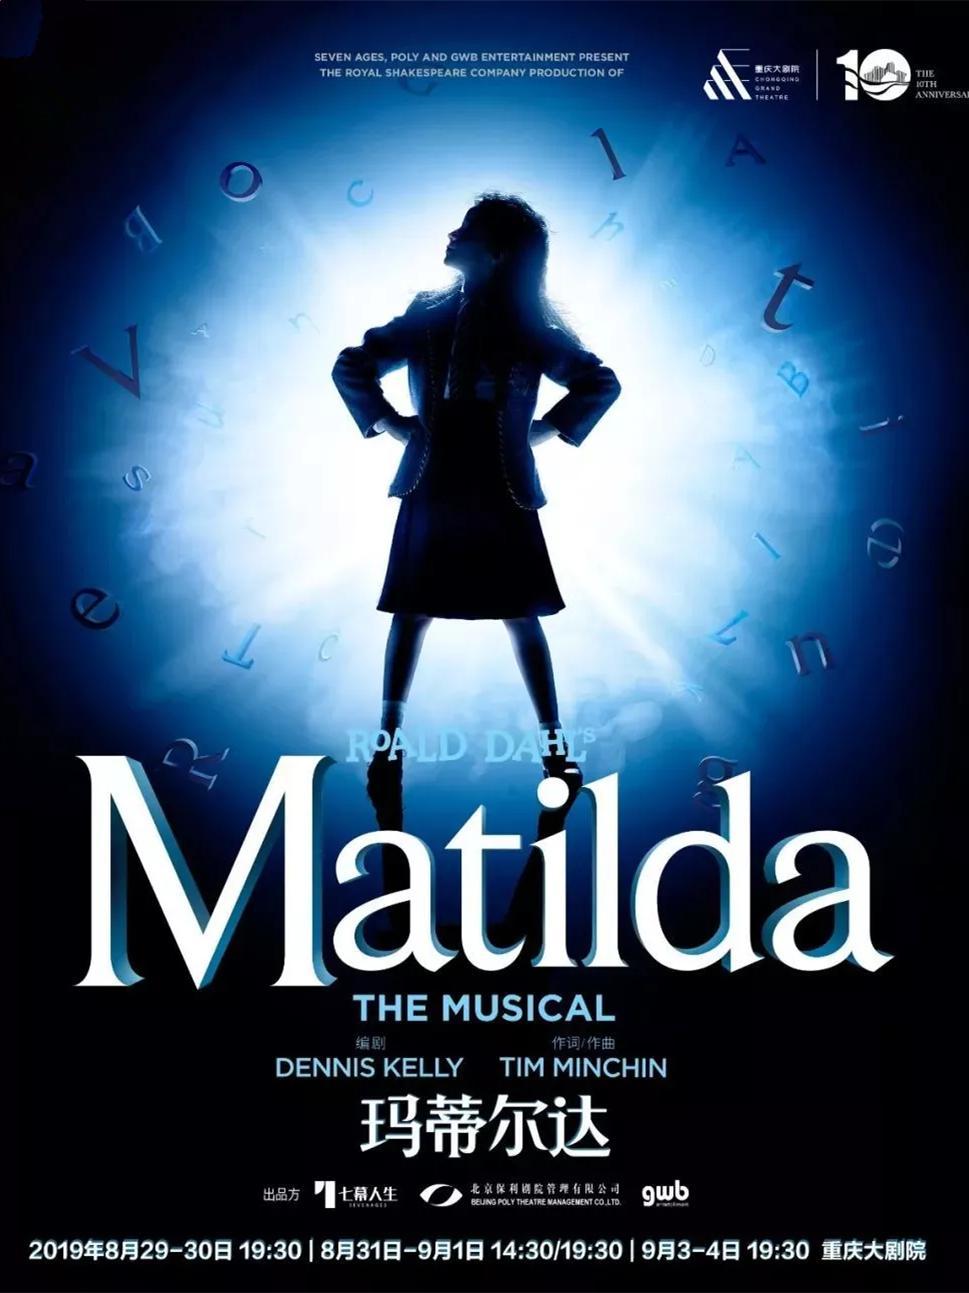 伦敦西区音乐剧《玛蒂尔达 》